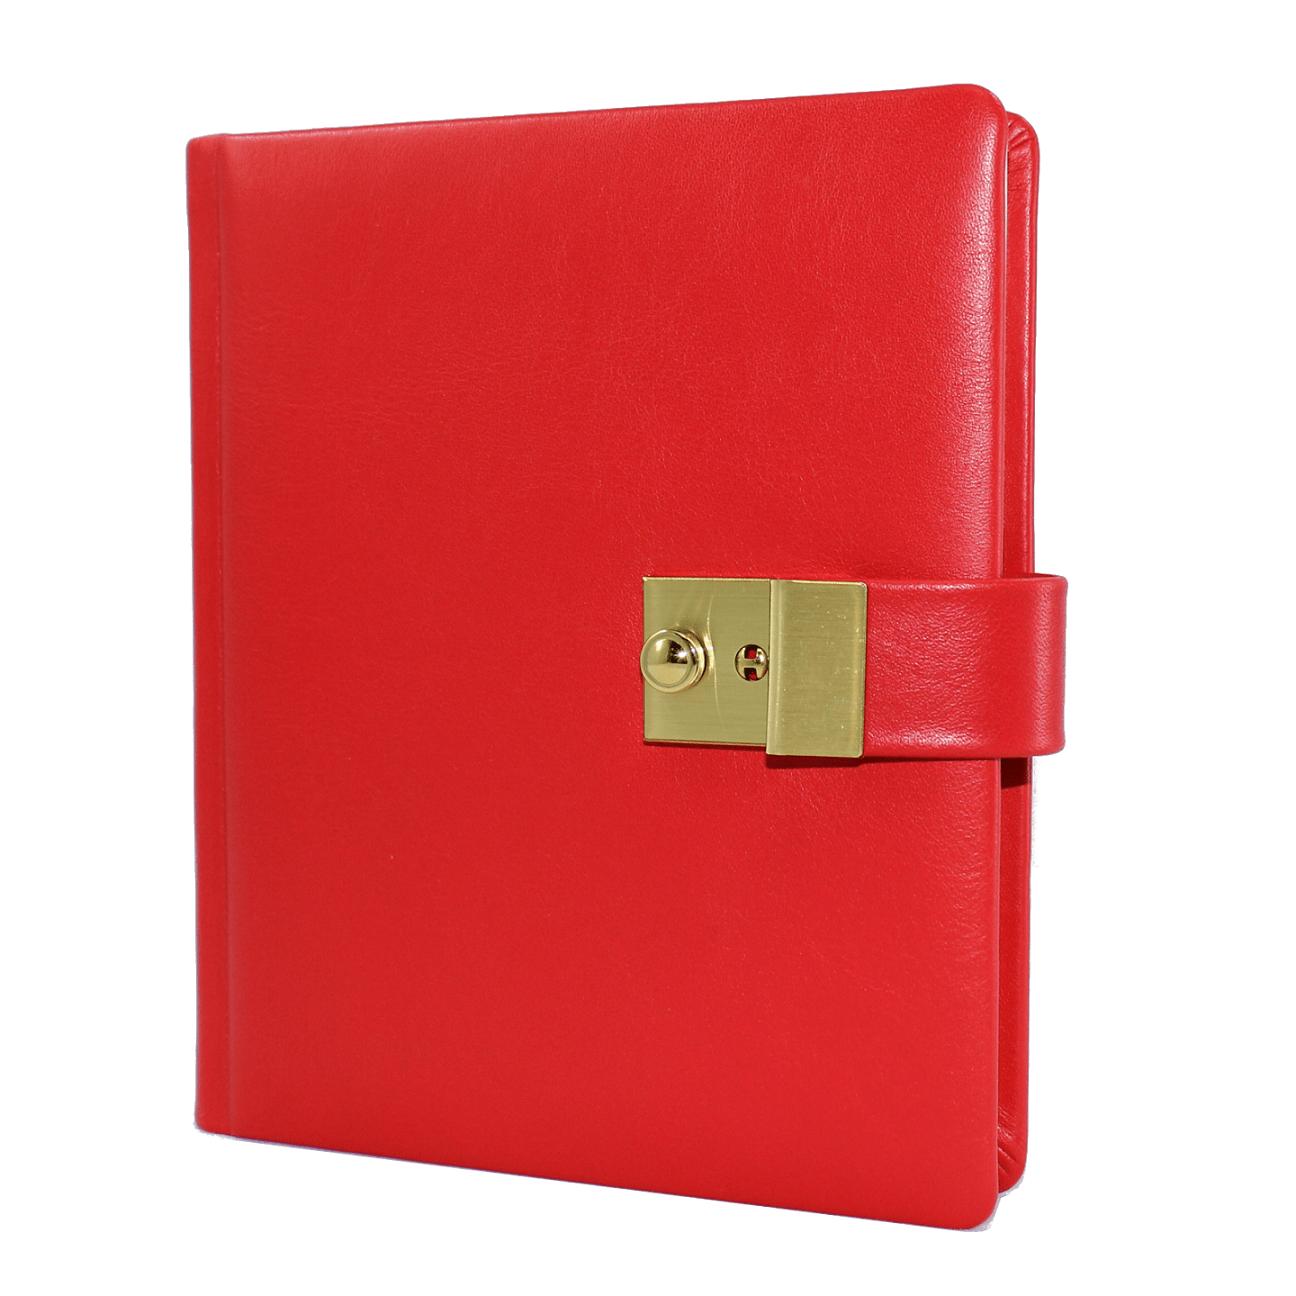 Retro Notizbuch Lederbuch Reisetagebuch Tagebuch Schlüssel Elegant Geschenk DE